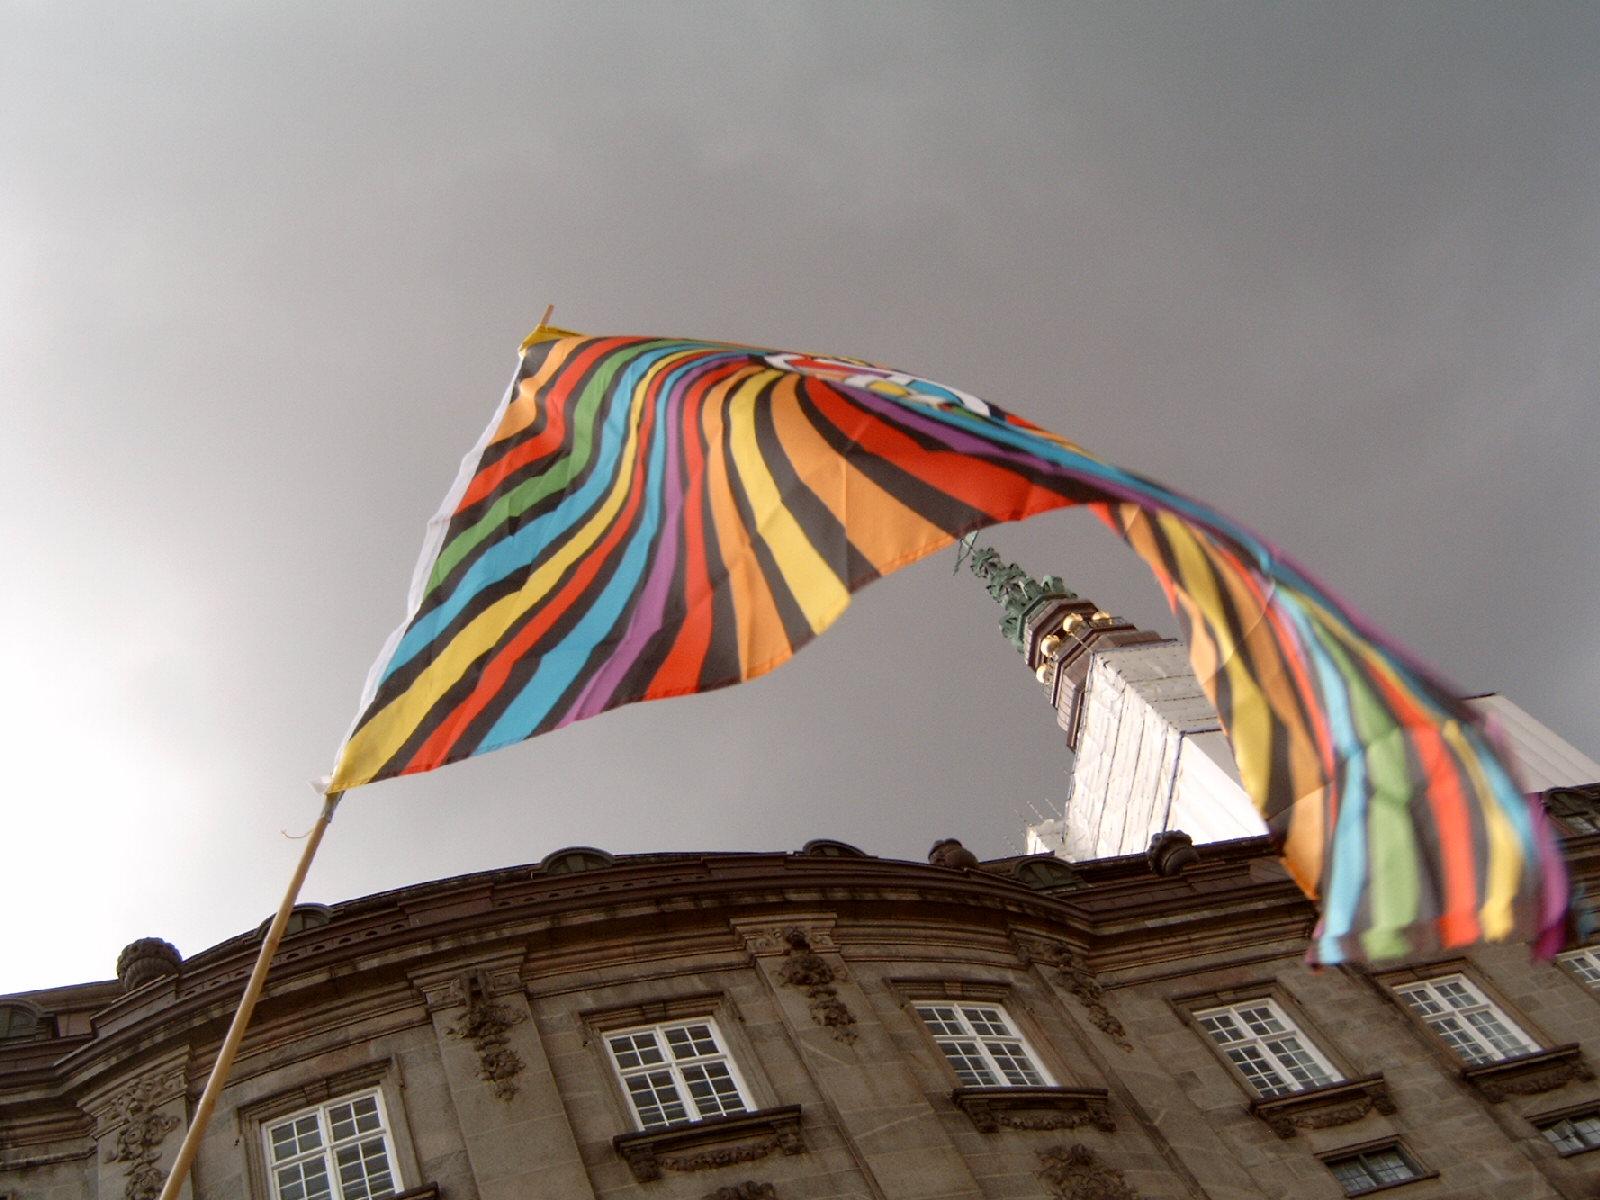 specielt fredsflag